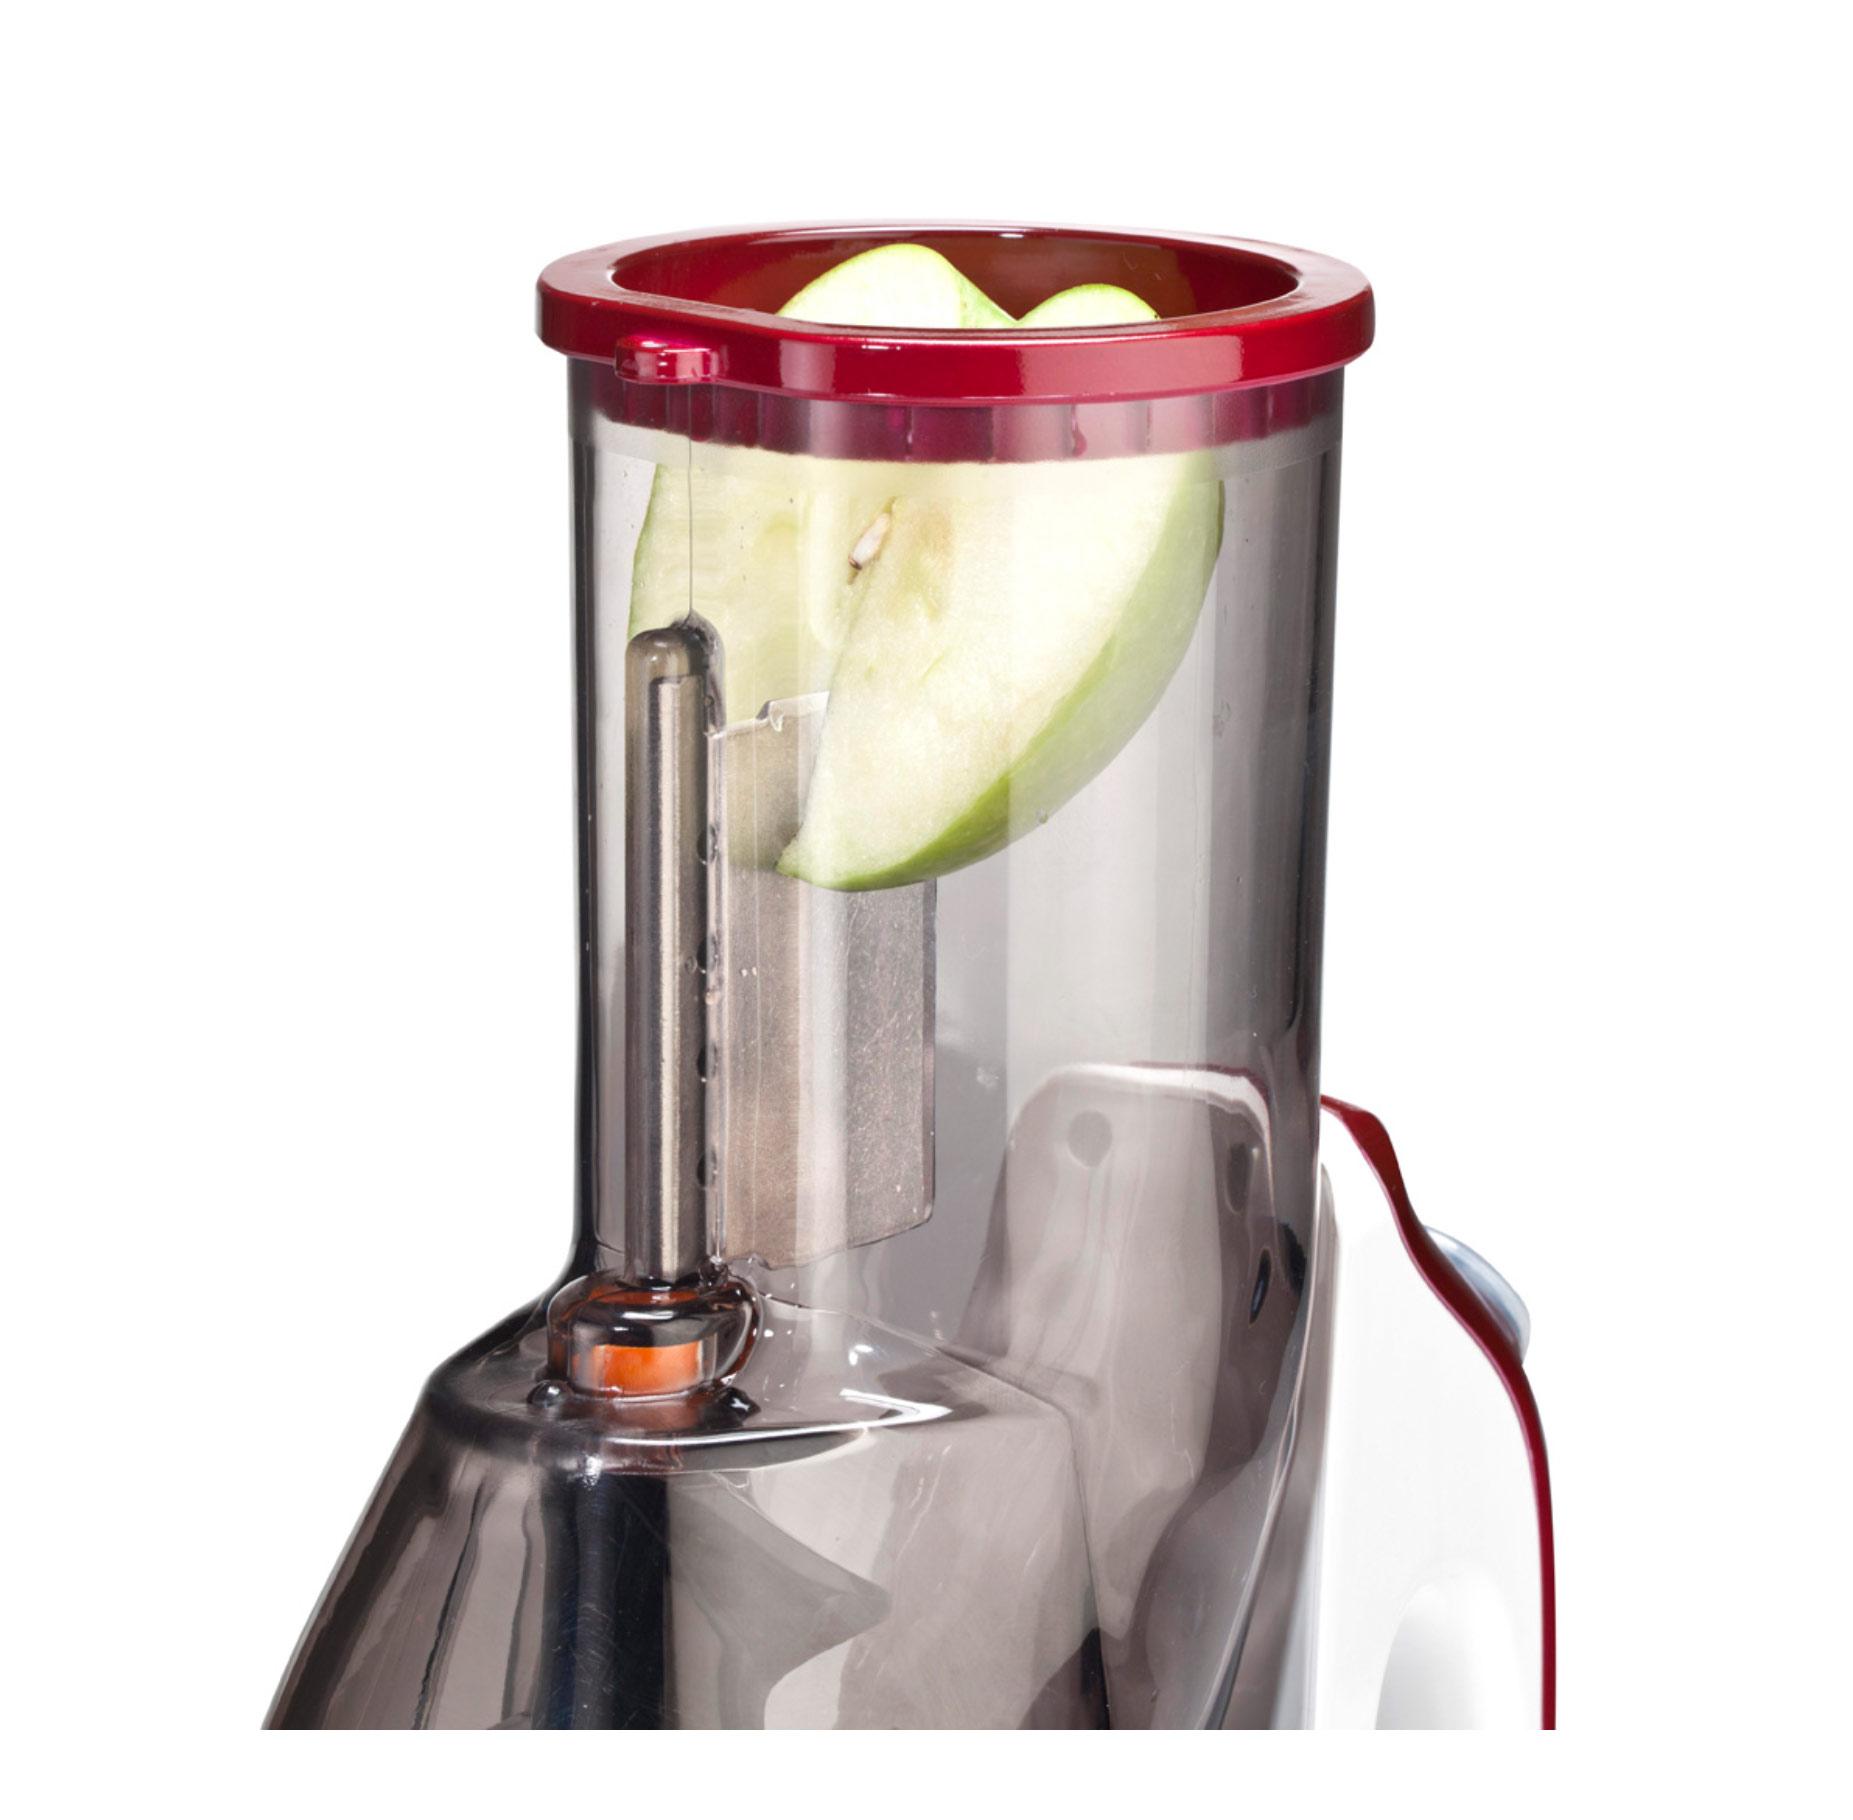 מגניב ביותר מסחטת מיצים קשים איטית לסחיטת כל סוגי הירקות והפירות, עם BJ-97